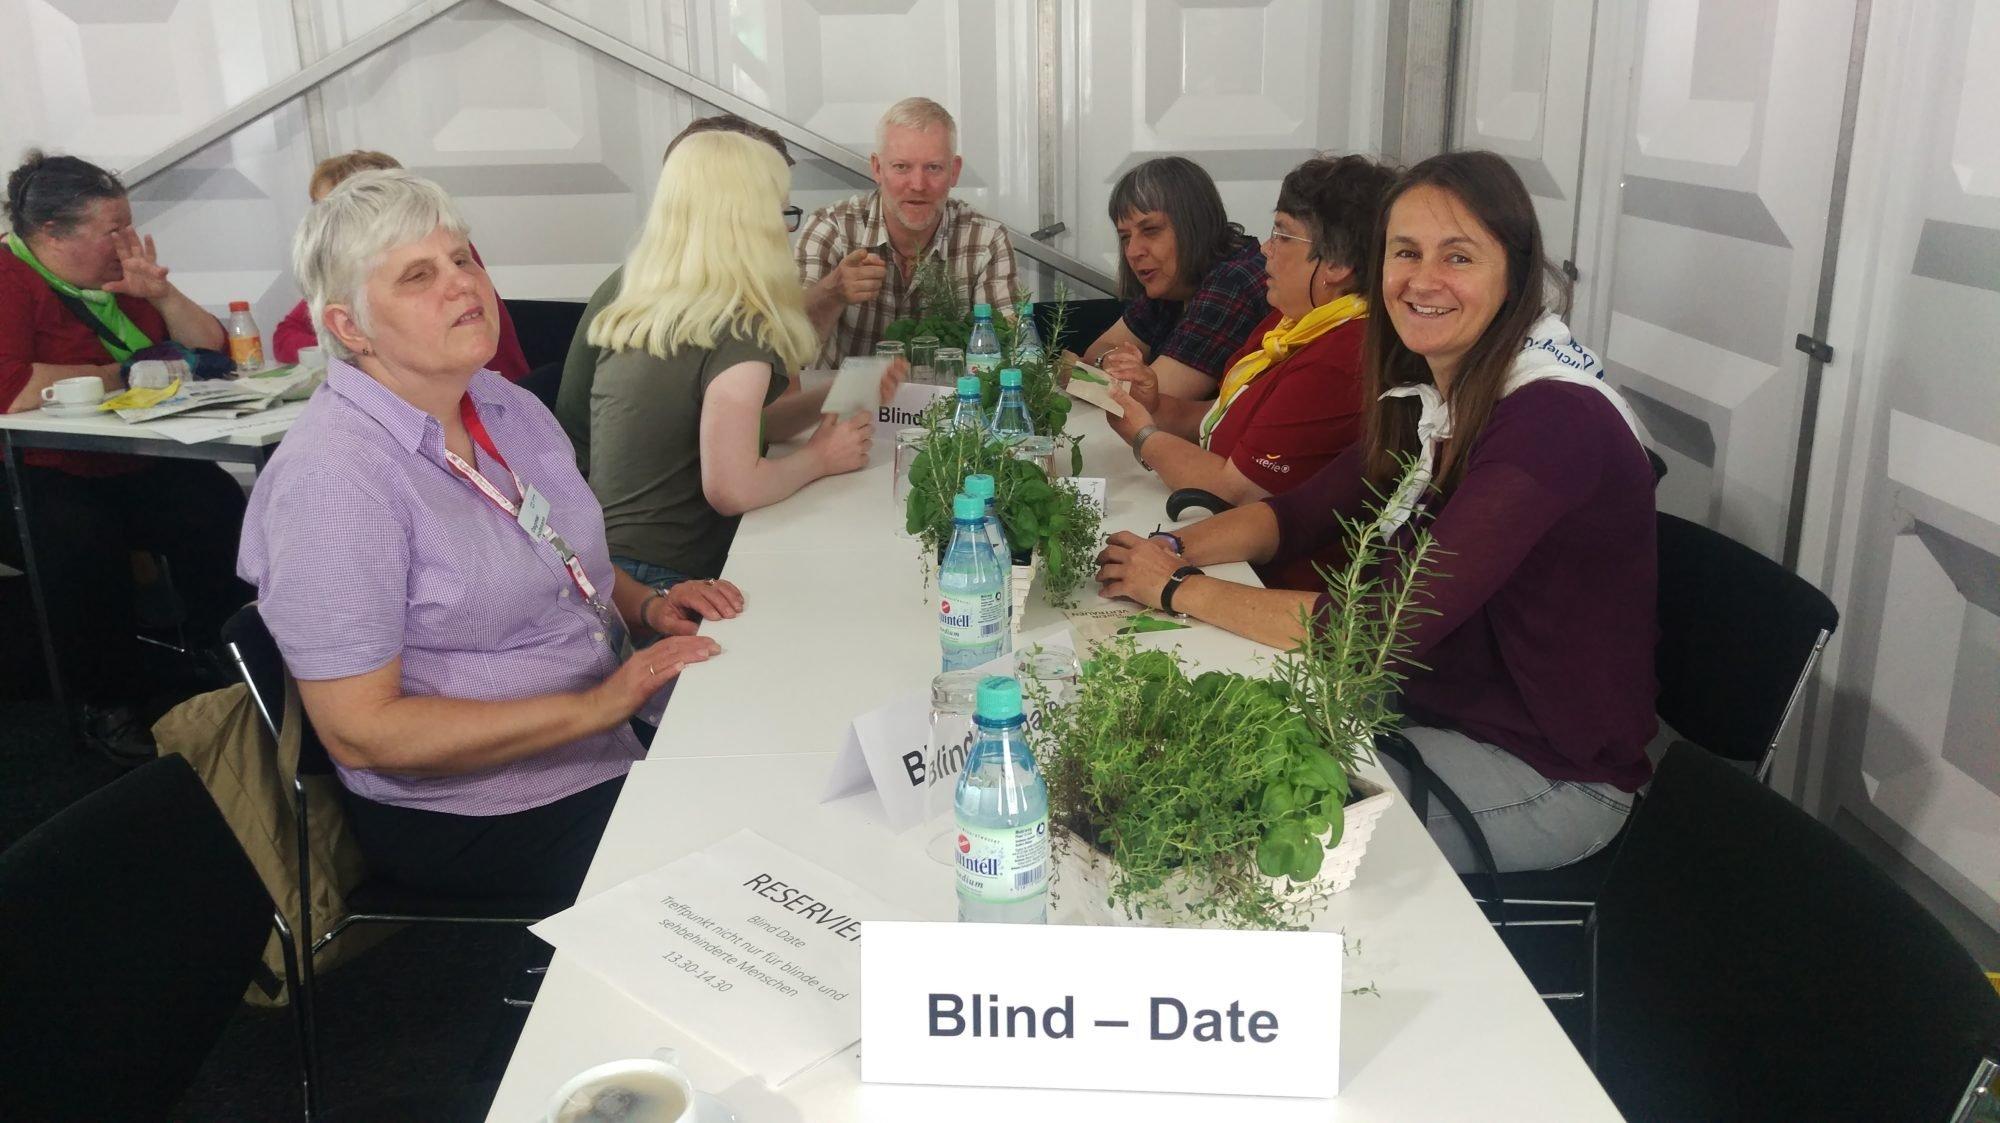 """Mehrere Personen, mit und ohne Sehbehinderungen, sitzen sich an einem Tisch gegenüber und sind in Gespräche vertieft. Alle lächeln oder sehen gut gelaunt aus. Auf dem Tisch stehen grüne Pflanzen, Wasserflaschen und Schilder mit der Aufschrift: """"Blind Date"""""""